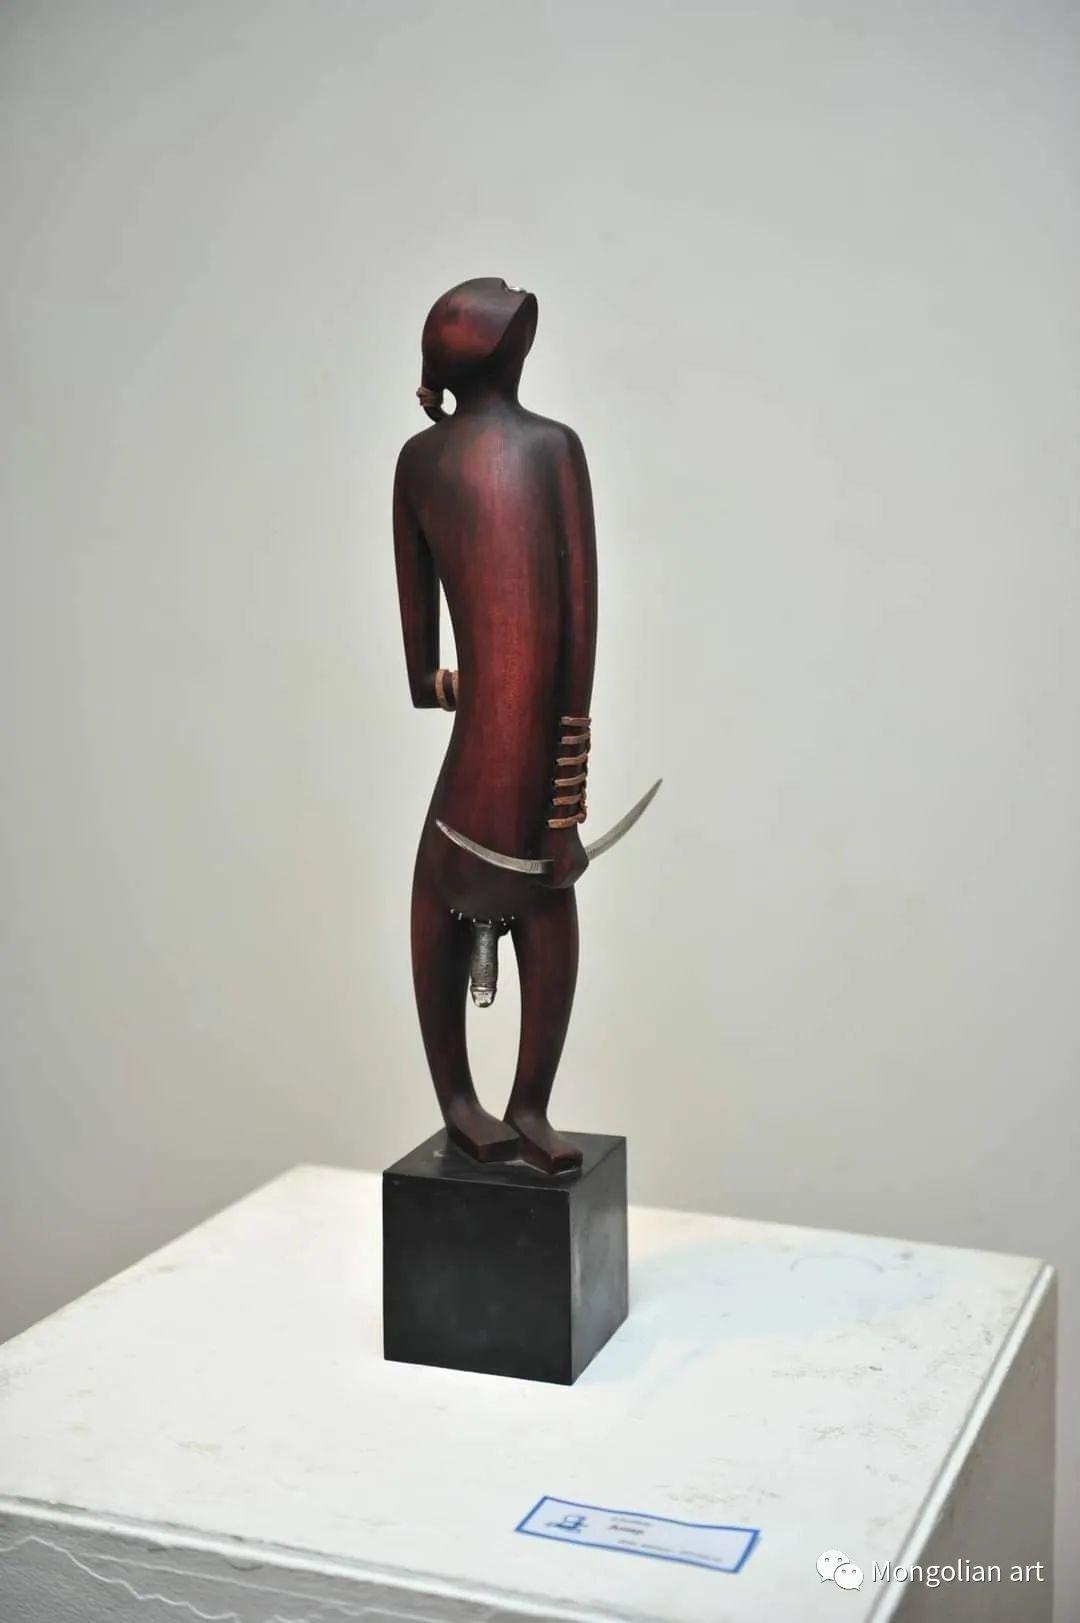 蒙古国美术家协会会员雕塑家 Davaadorj Ankhbayar 第32张 蒙古国美术家协会会员雕塑家 Davaadorj Ankhbayar 蒙古画廊